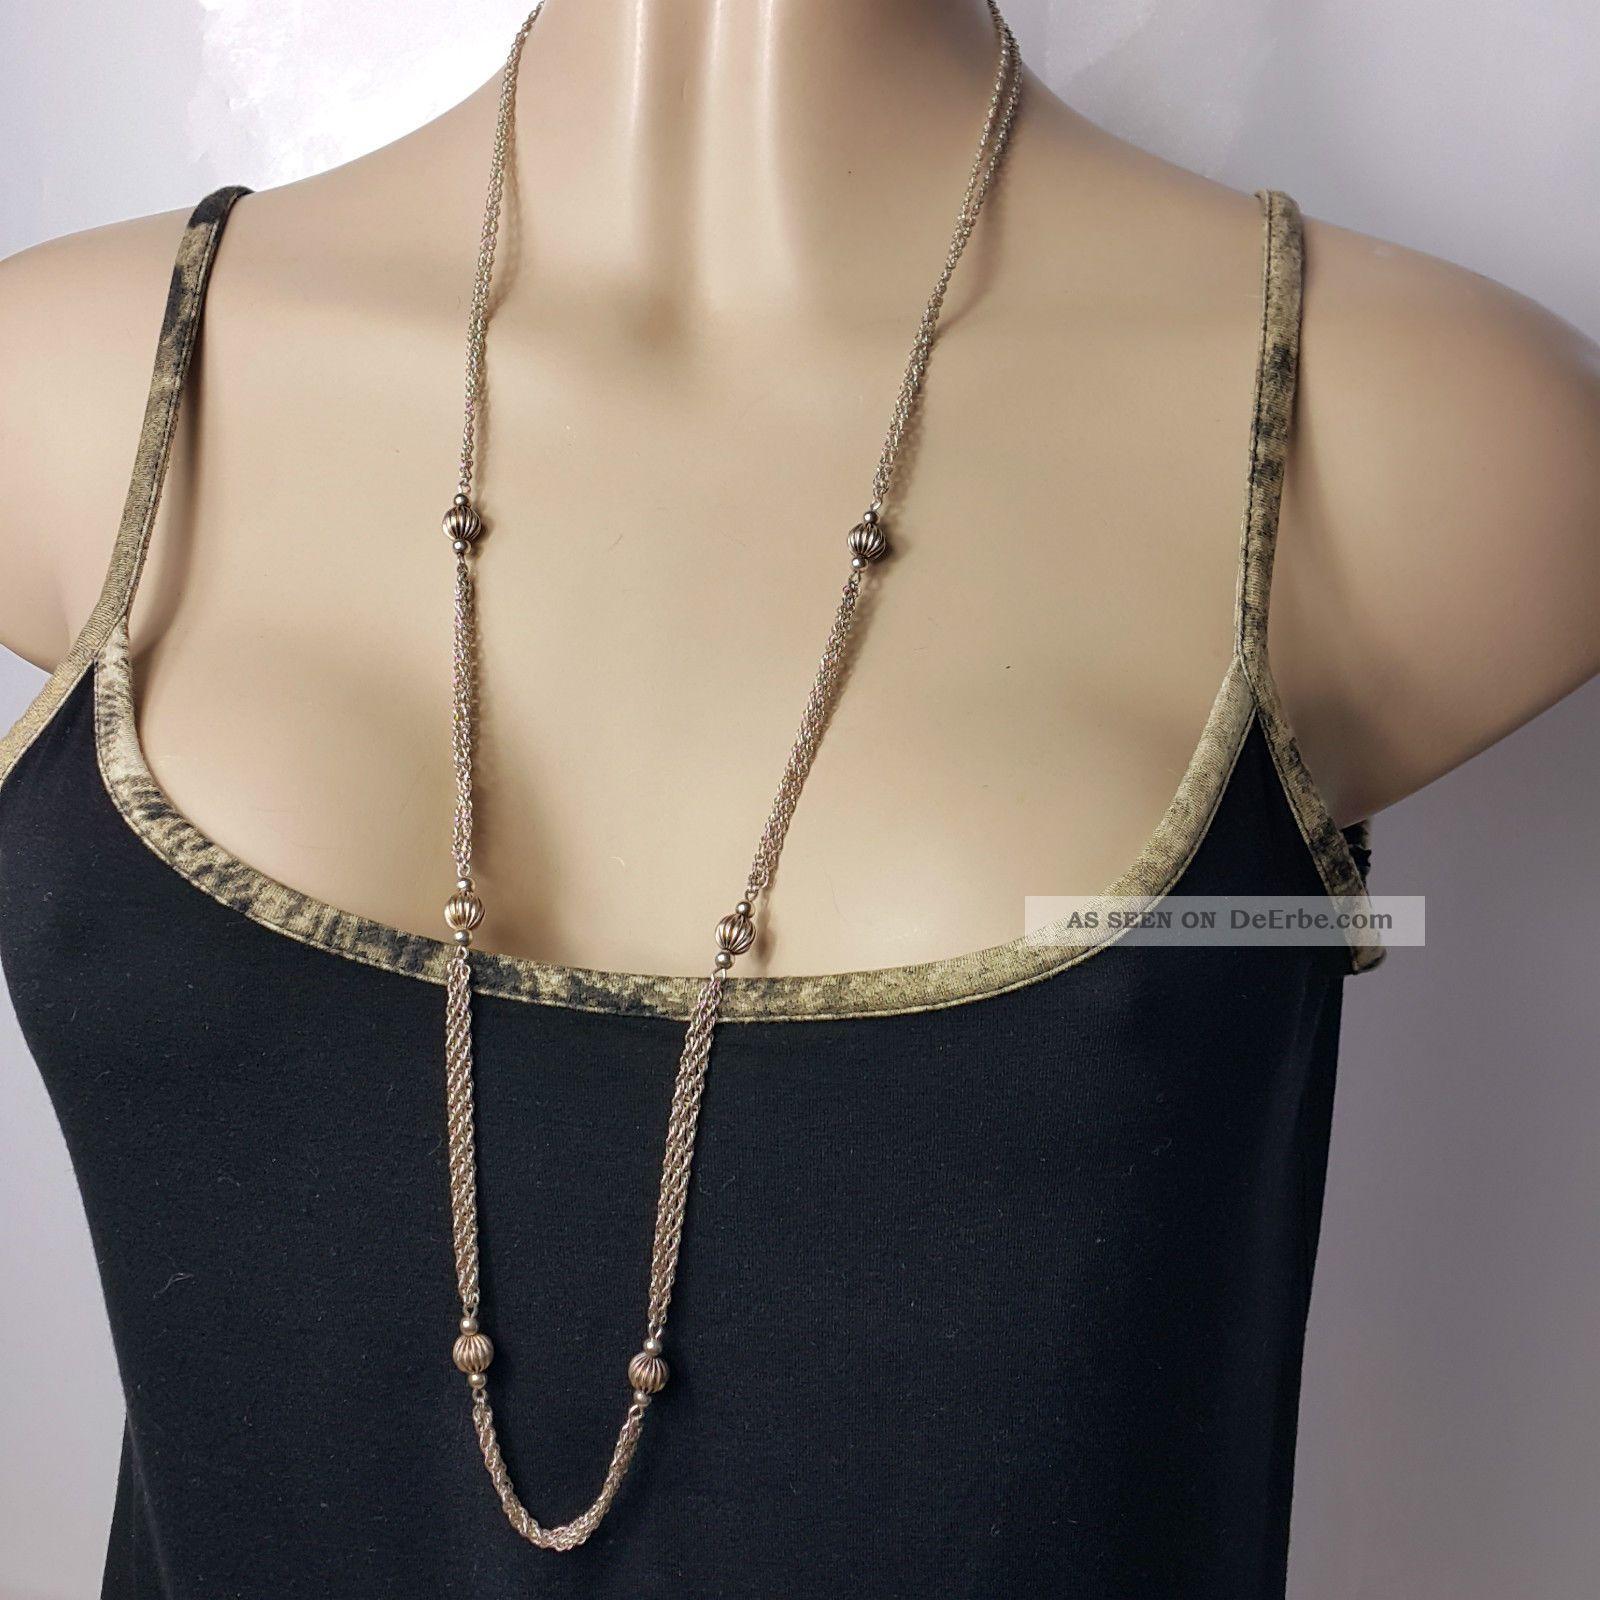 Halskette 925 Silber 92cm Art Deko Design Doppelte Kordelkette Mit Kugeleinlage Schmuck nach Epochen Bild